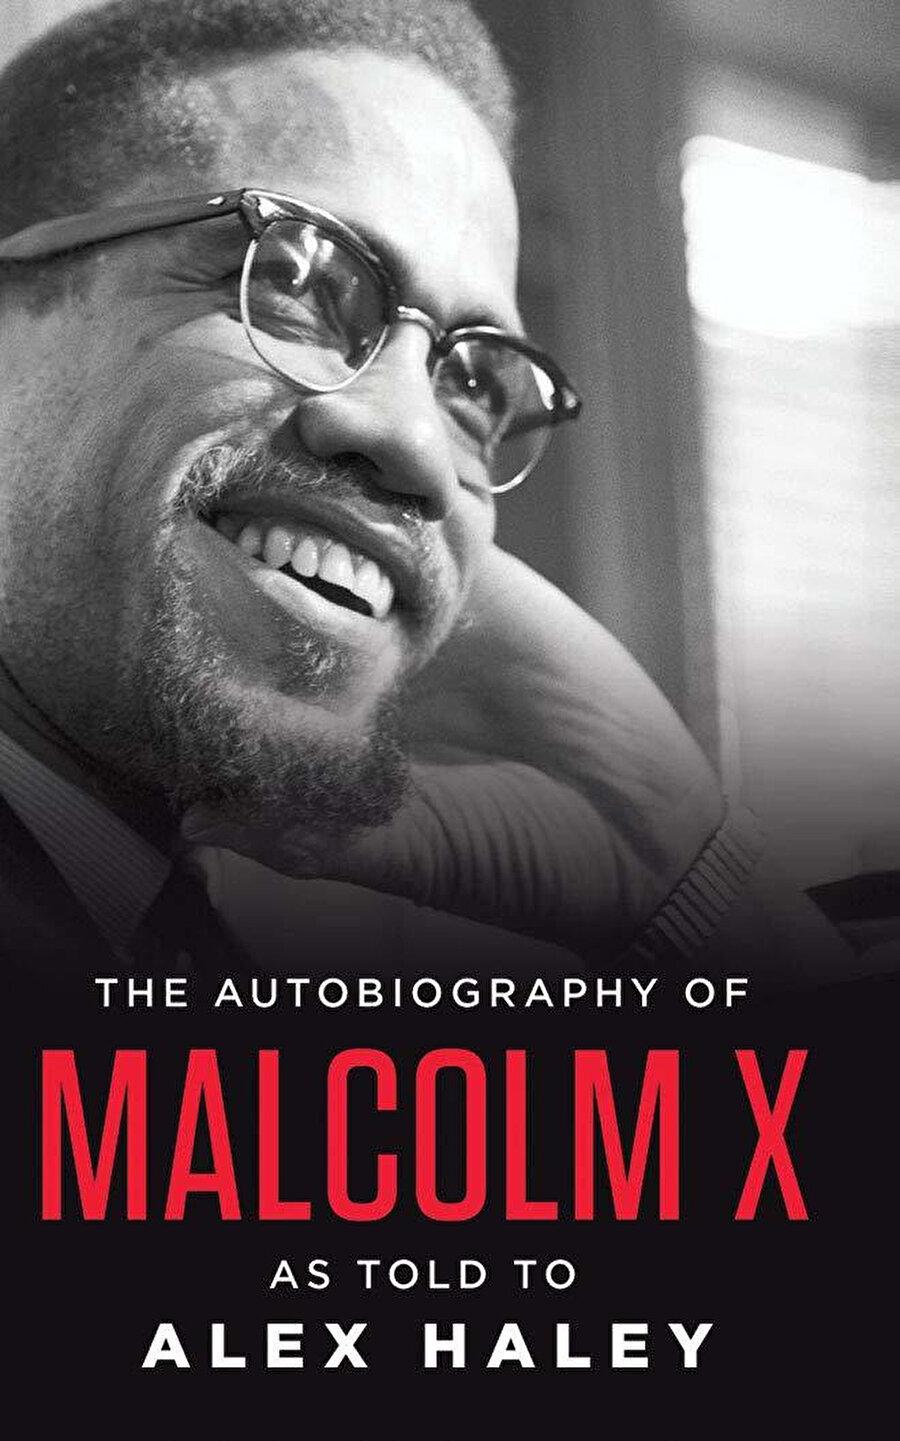 Malcolm X, otobiyografisinin yazılması için 1963'te yazar Alex Haley ile çalışmaya başladı.